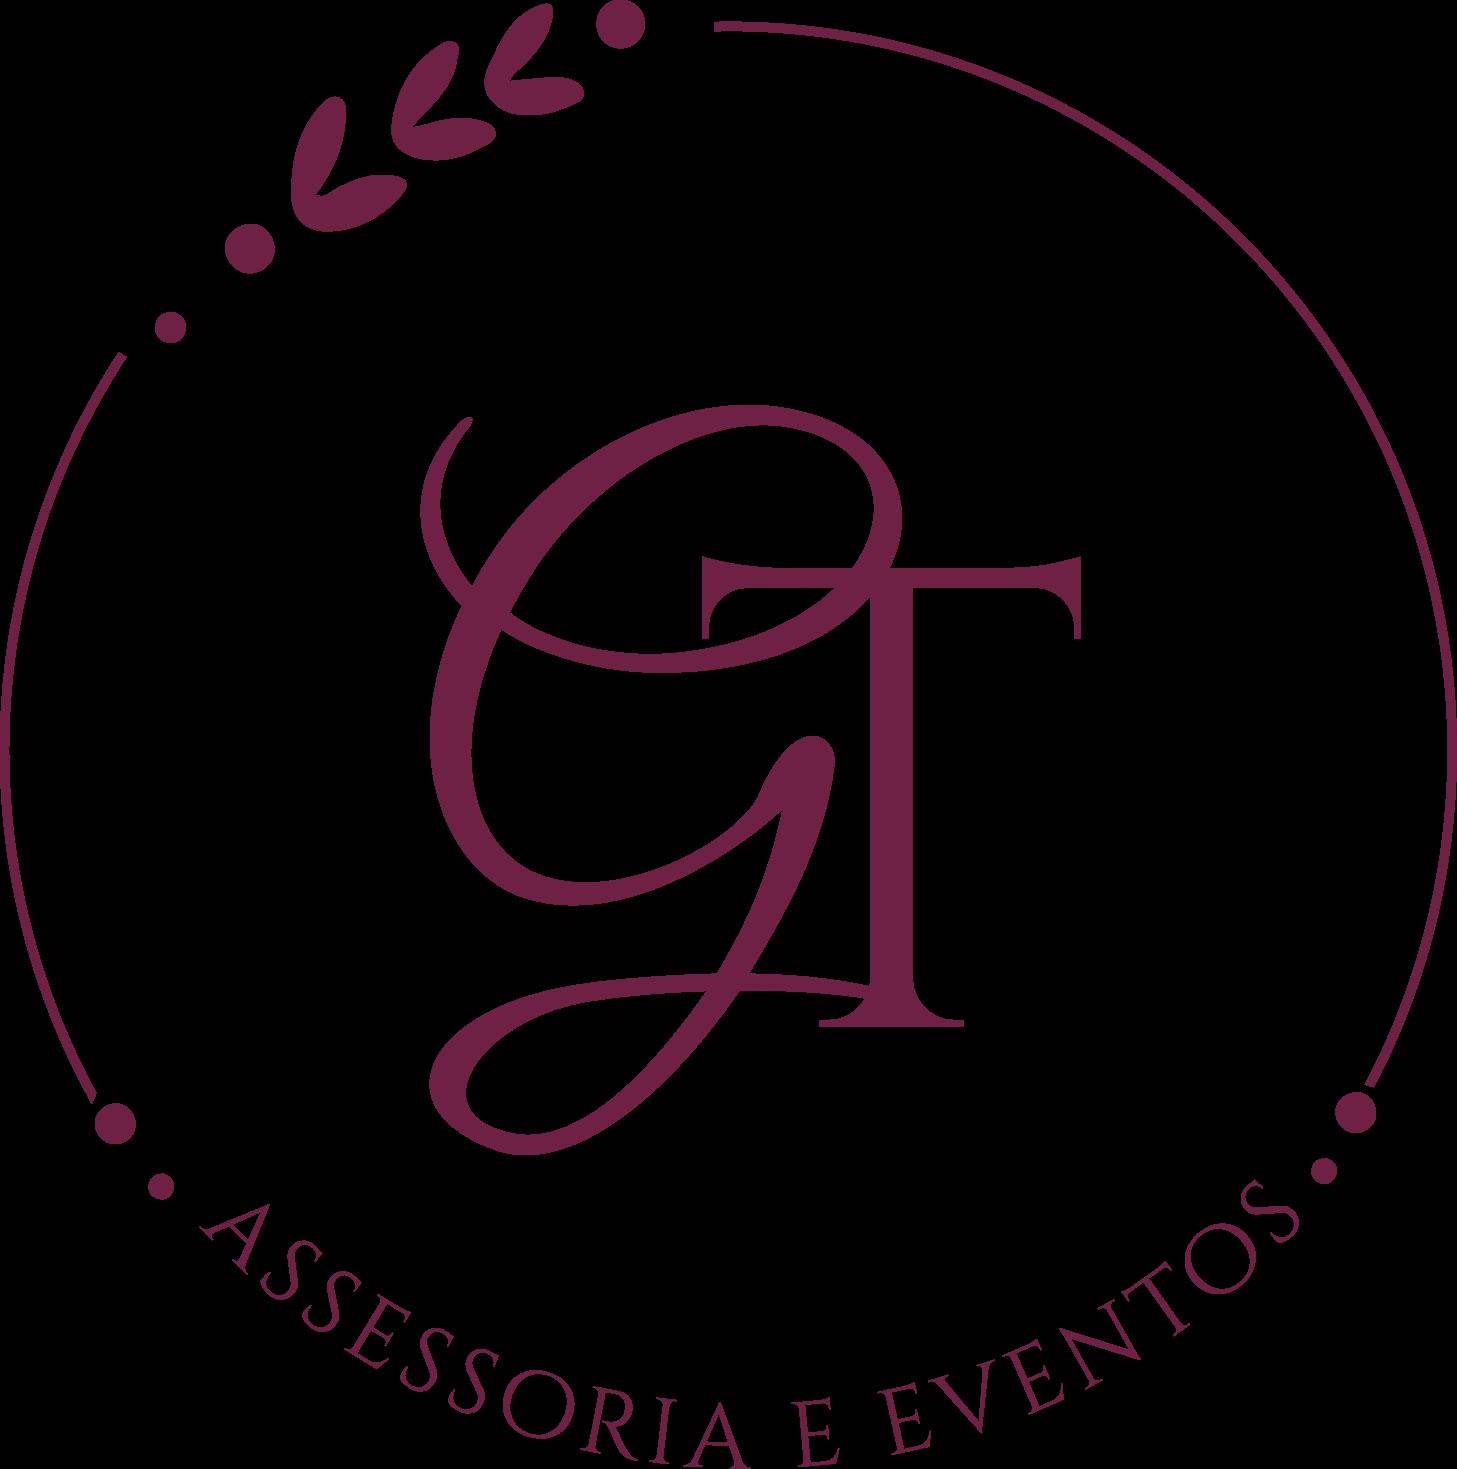 GT Eventos redirecionamento